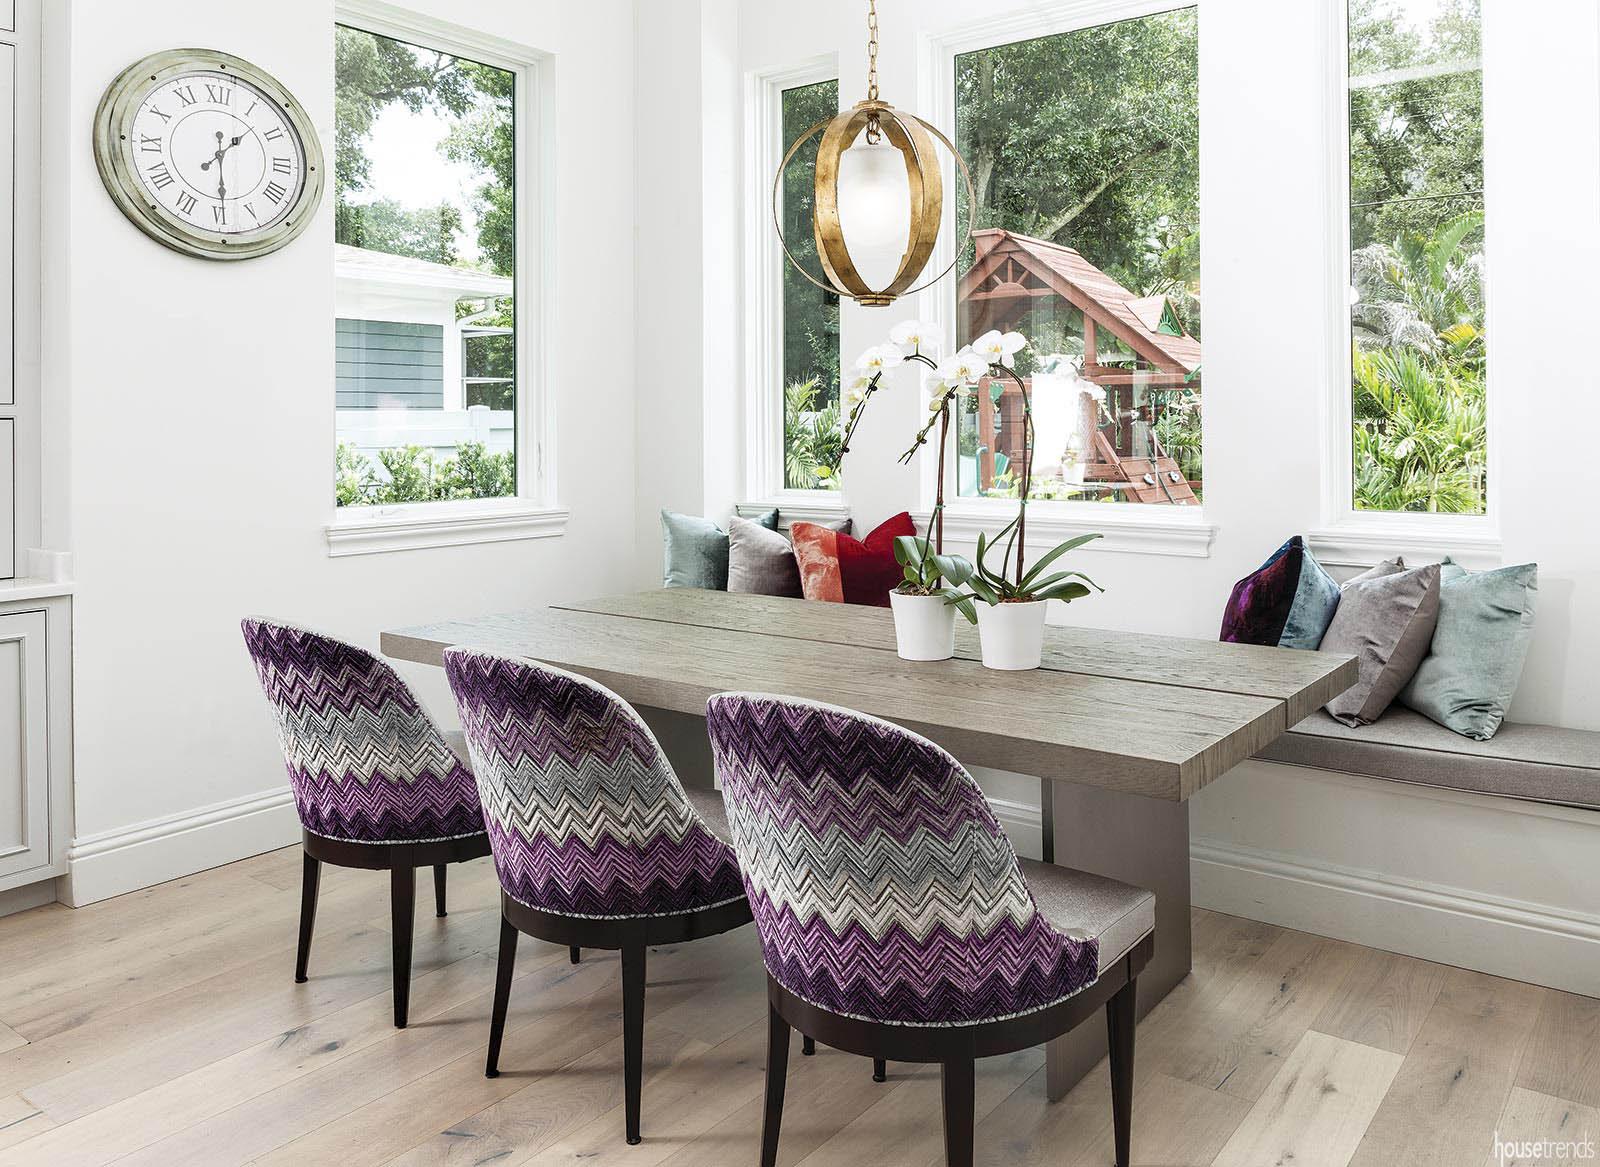 Purple chairs pop in a breakfast nook